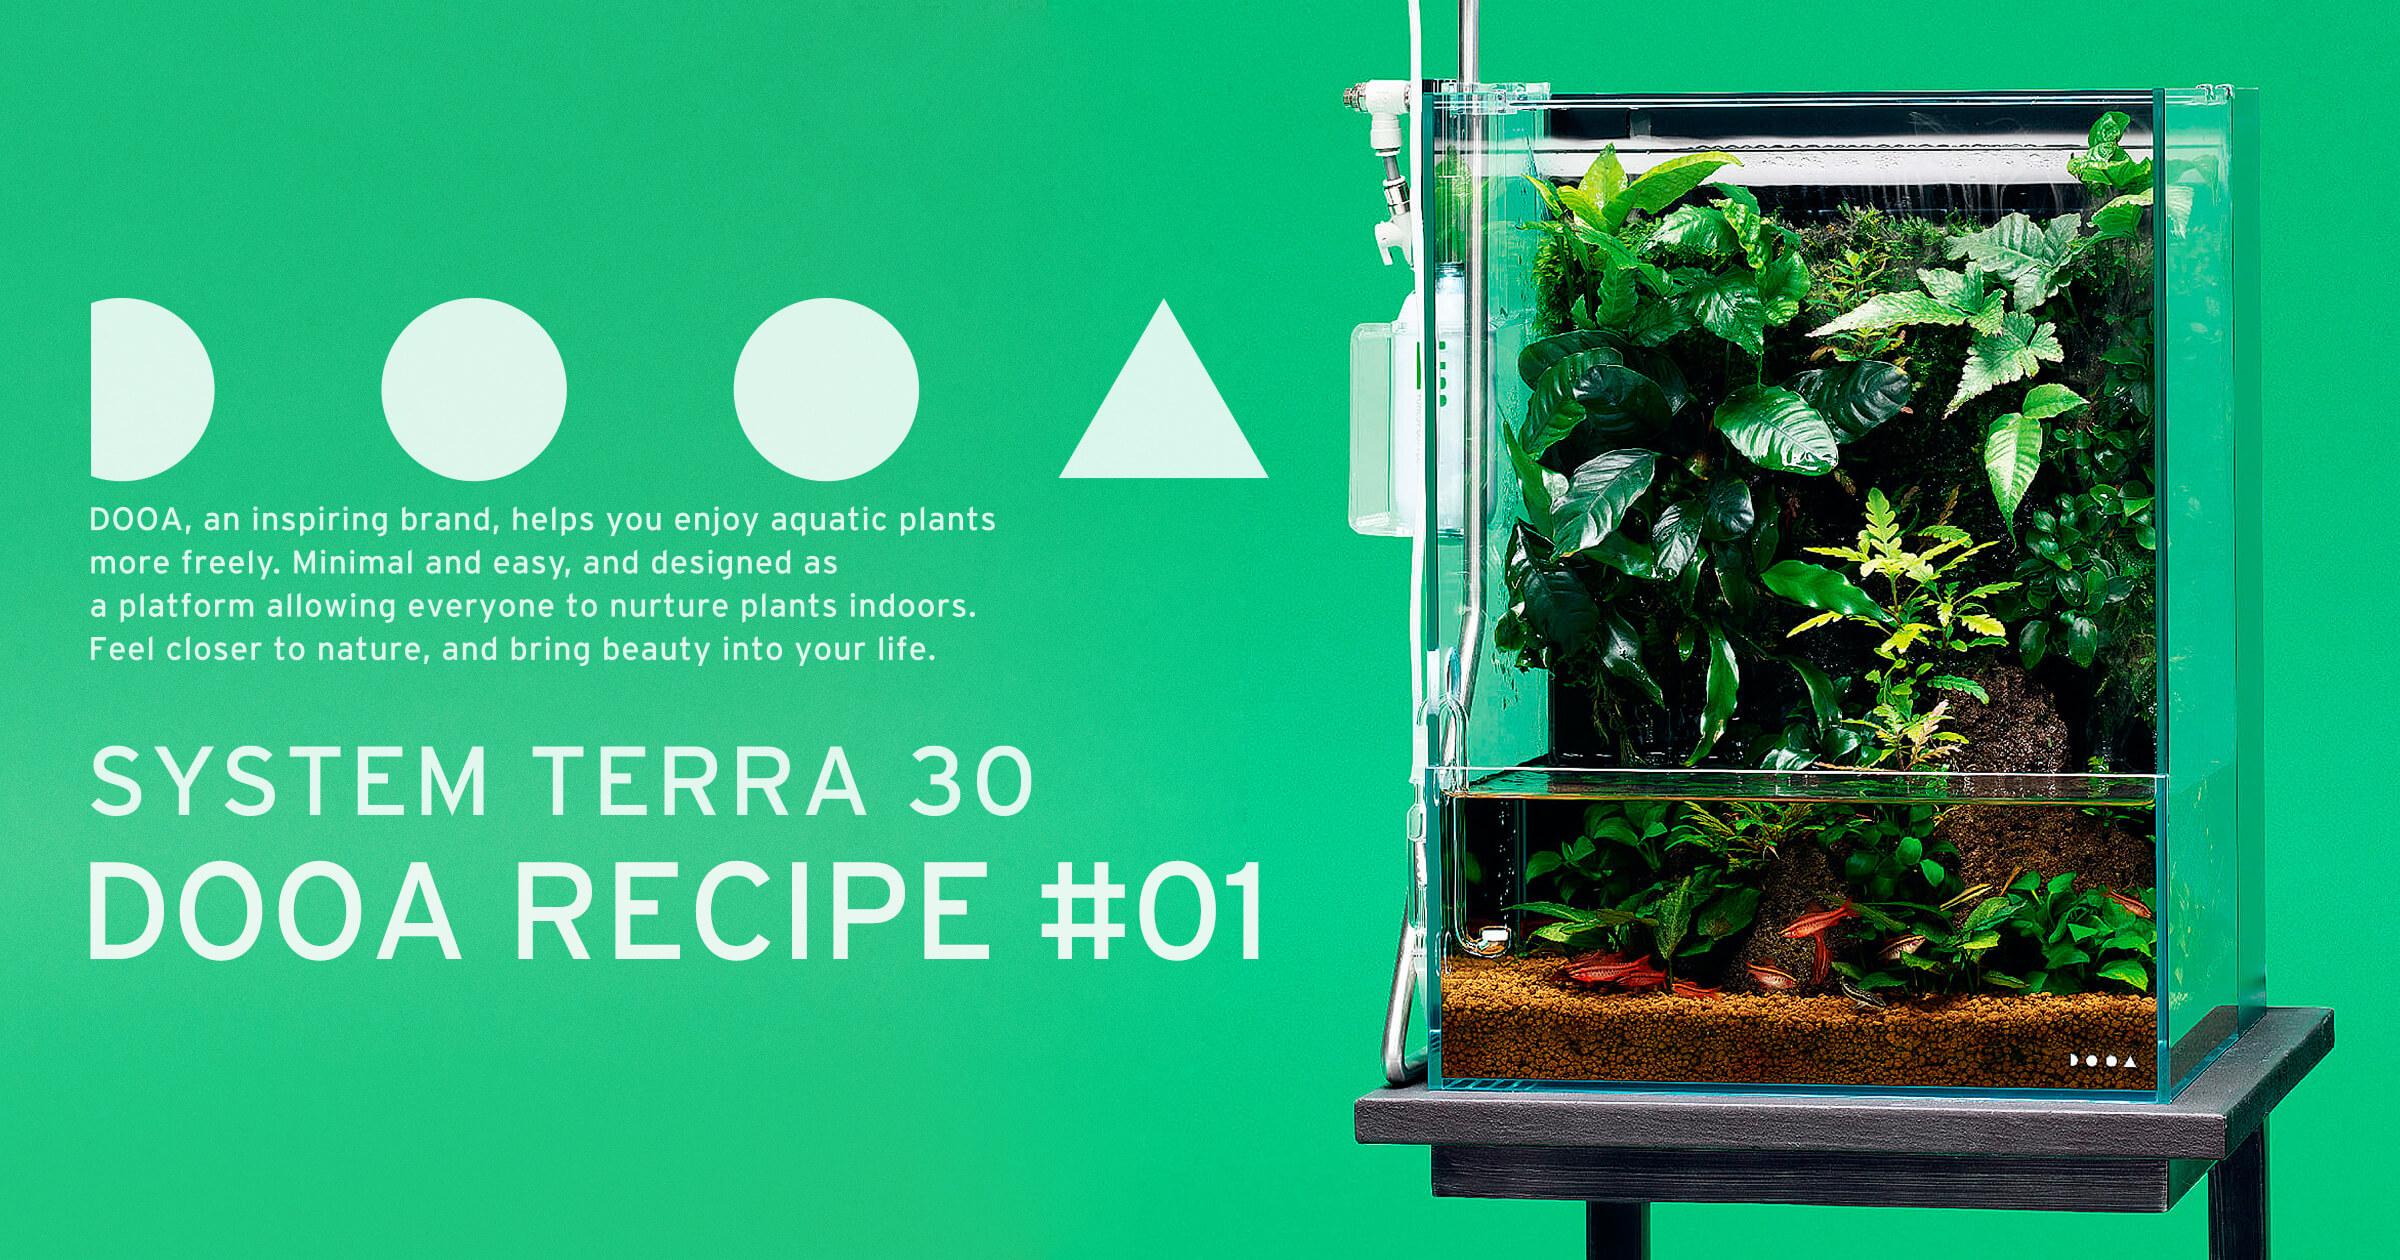 【DOOAレシピ】#01「熱帯雨林の水辺」